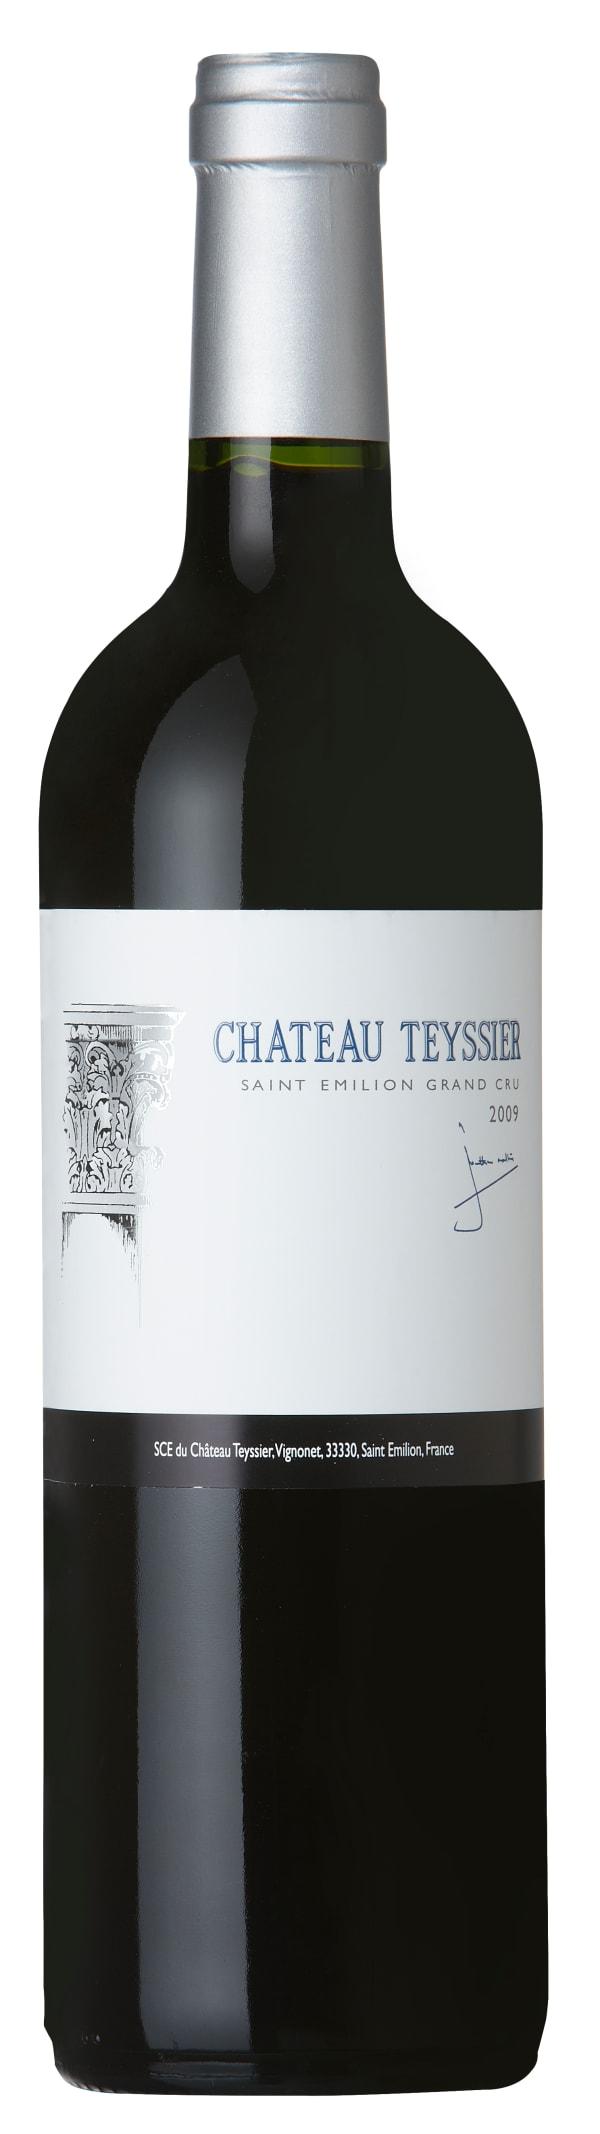 Château Teyssier 2011